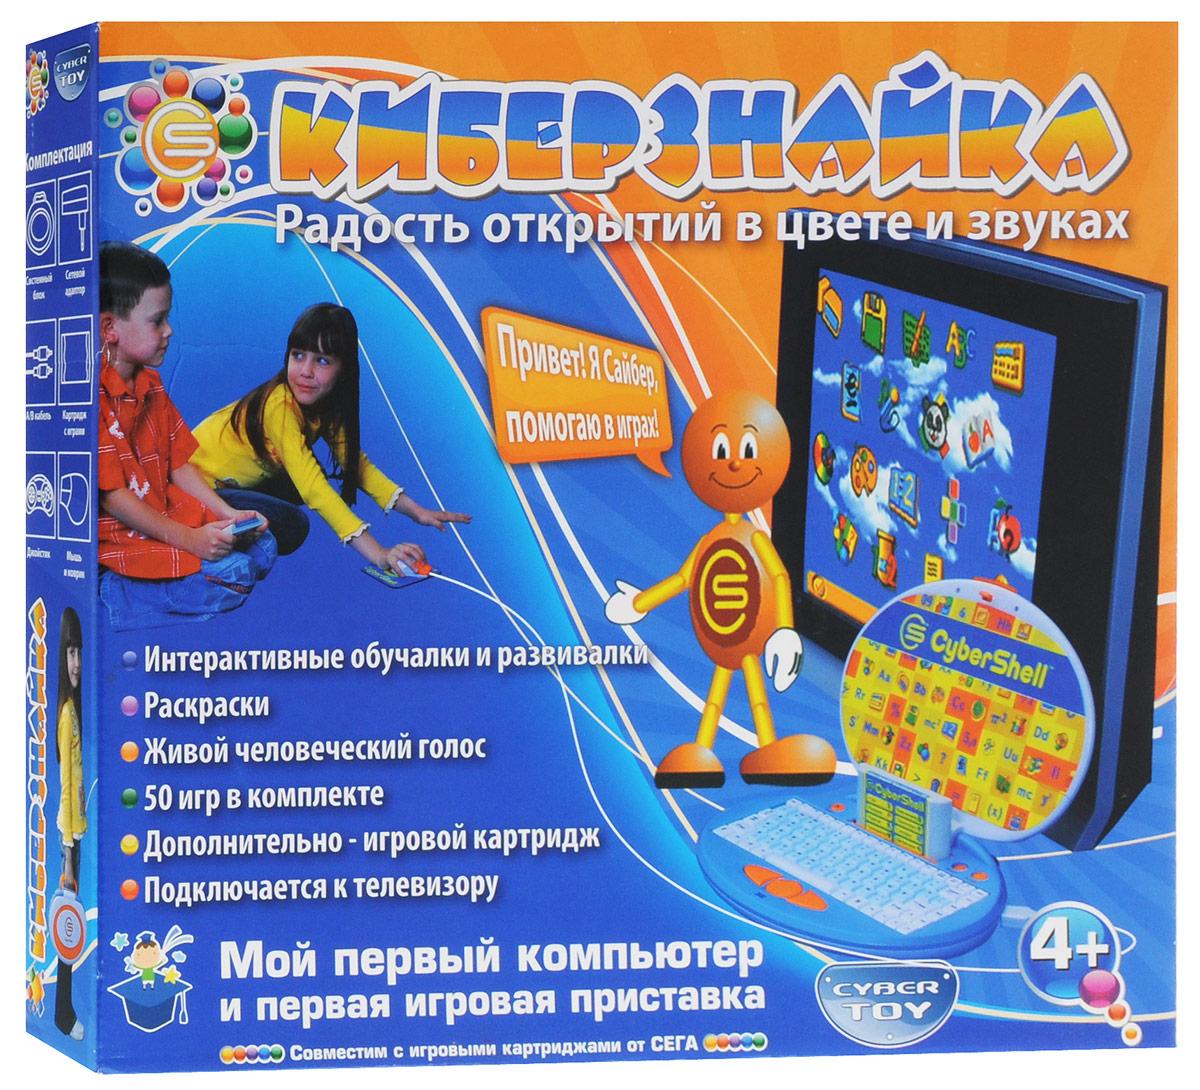 Cybertoy Киберзнайка обучающая игровая приставка